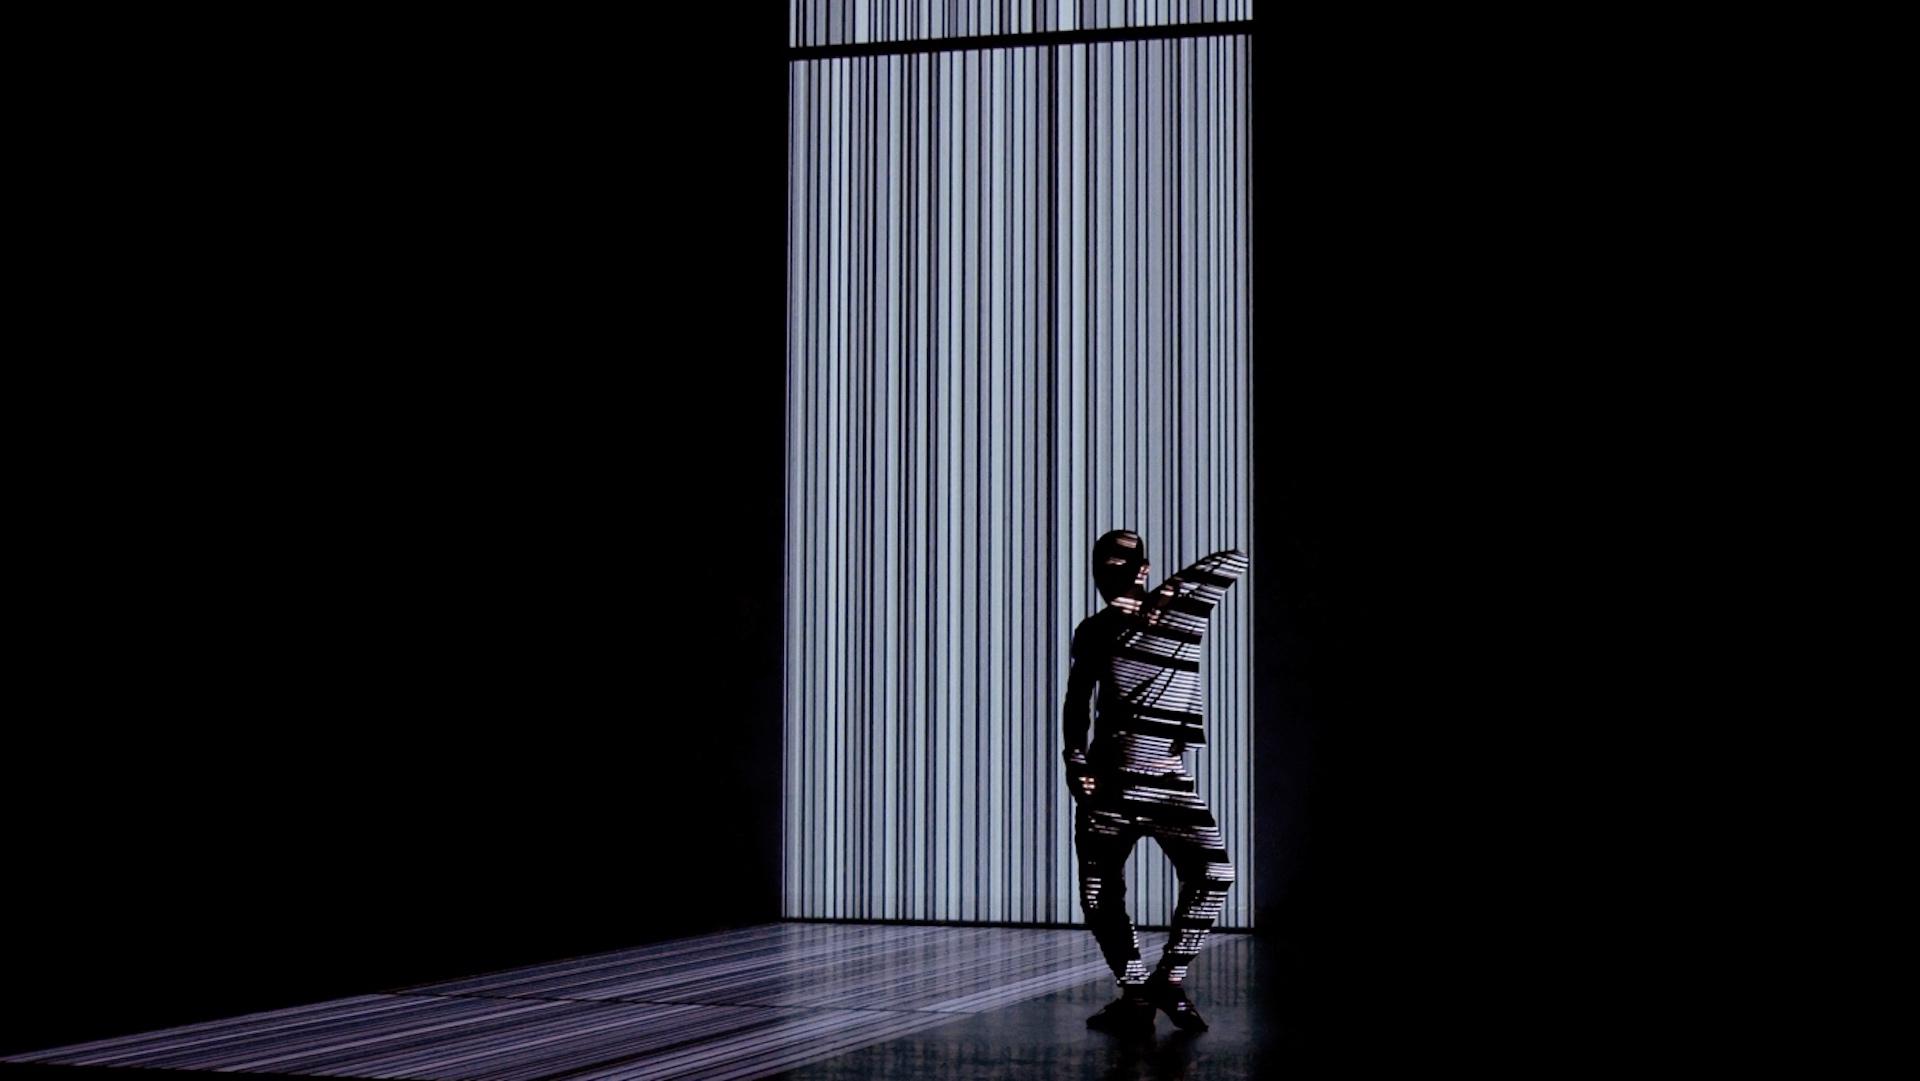 独創的なパフォーマンス作品を創造し続けるアーティスト梅田宏明が語る、感覚と身体と世界。